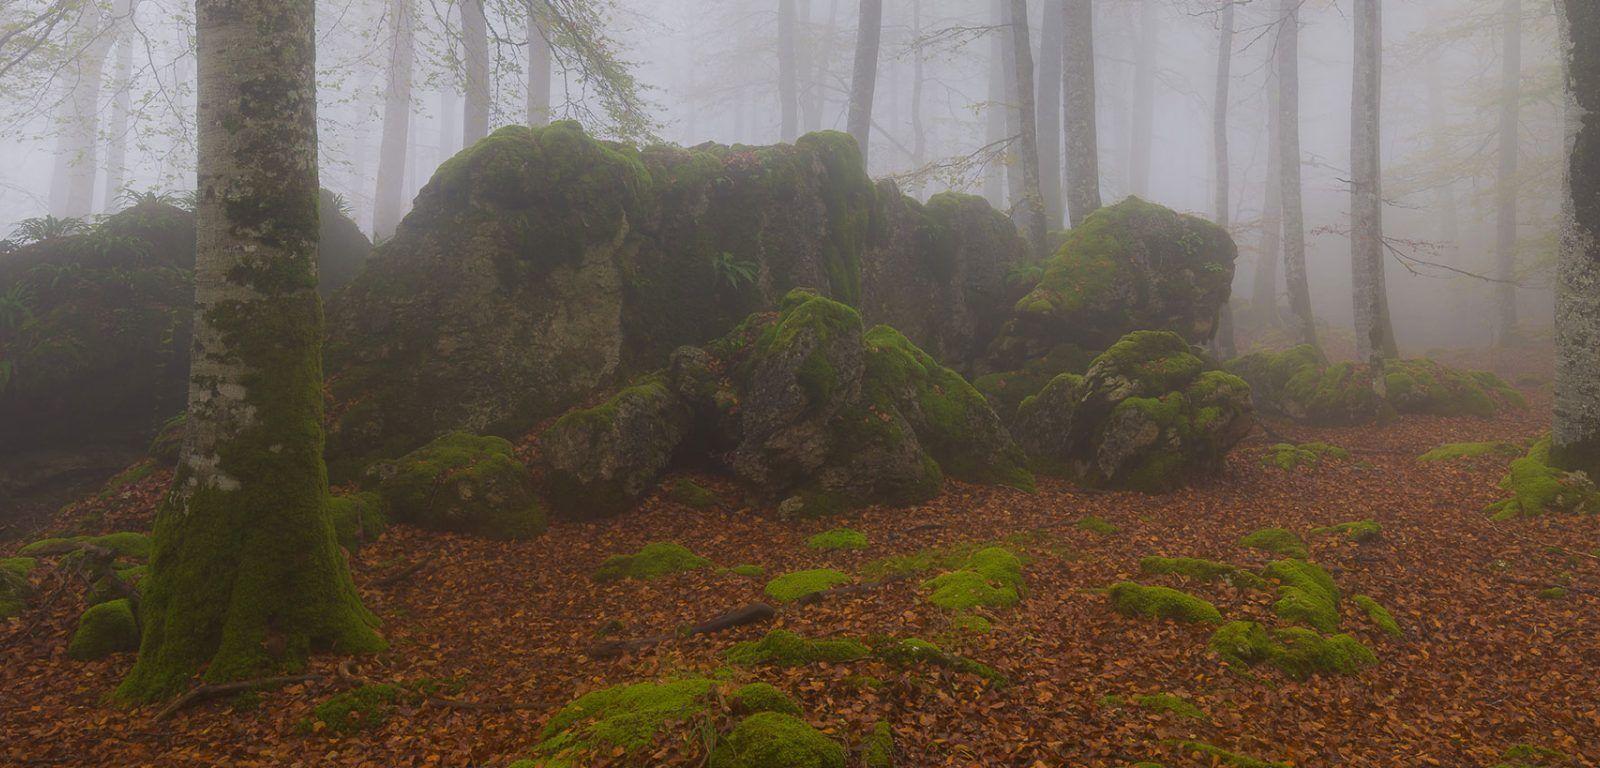 Taller Sierra de Urbasa, Navarra